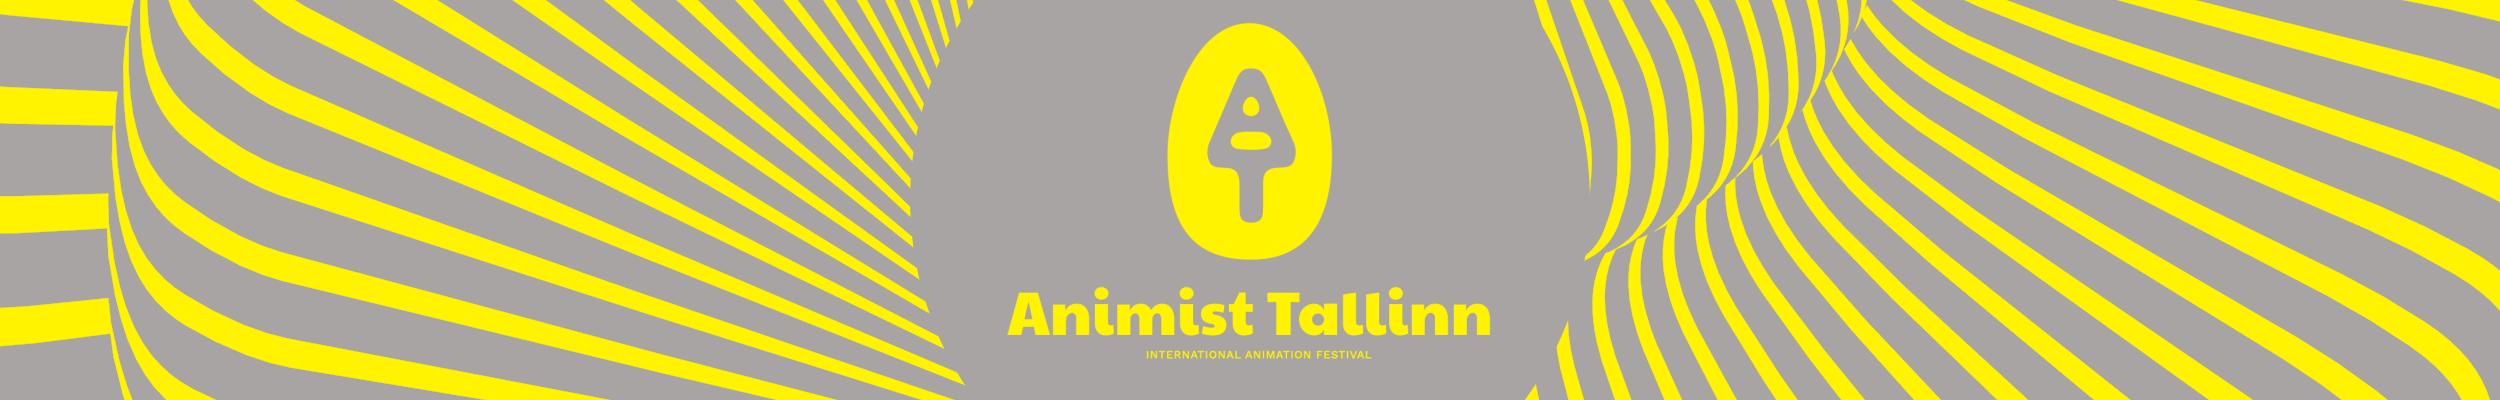 ANIMIST TALLINN